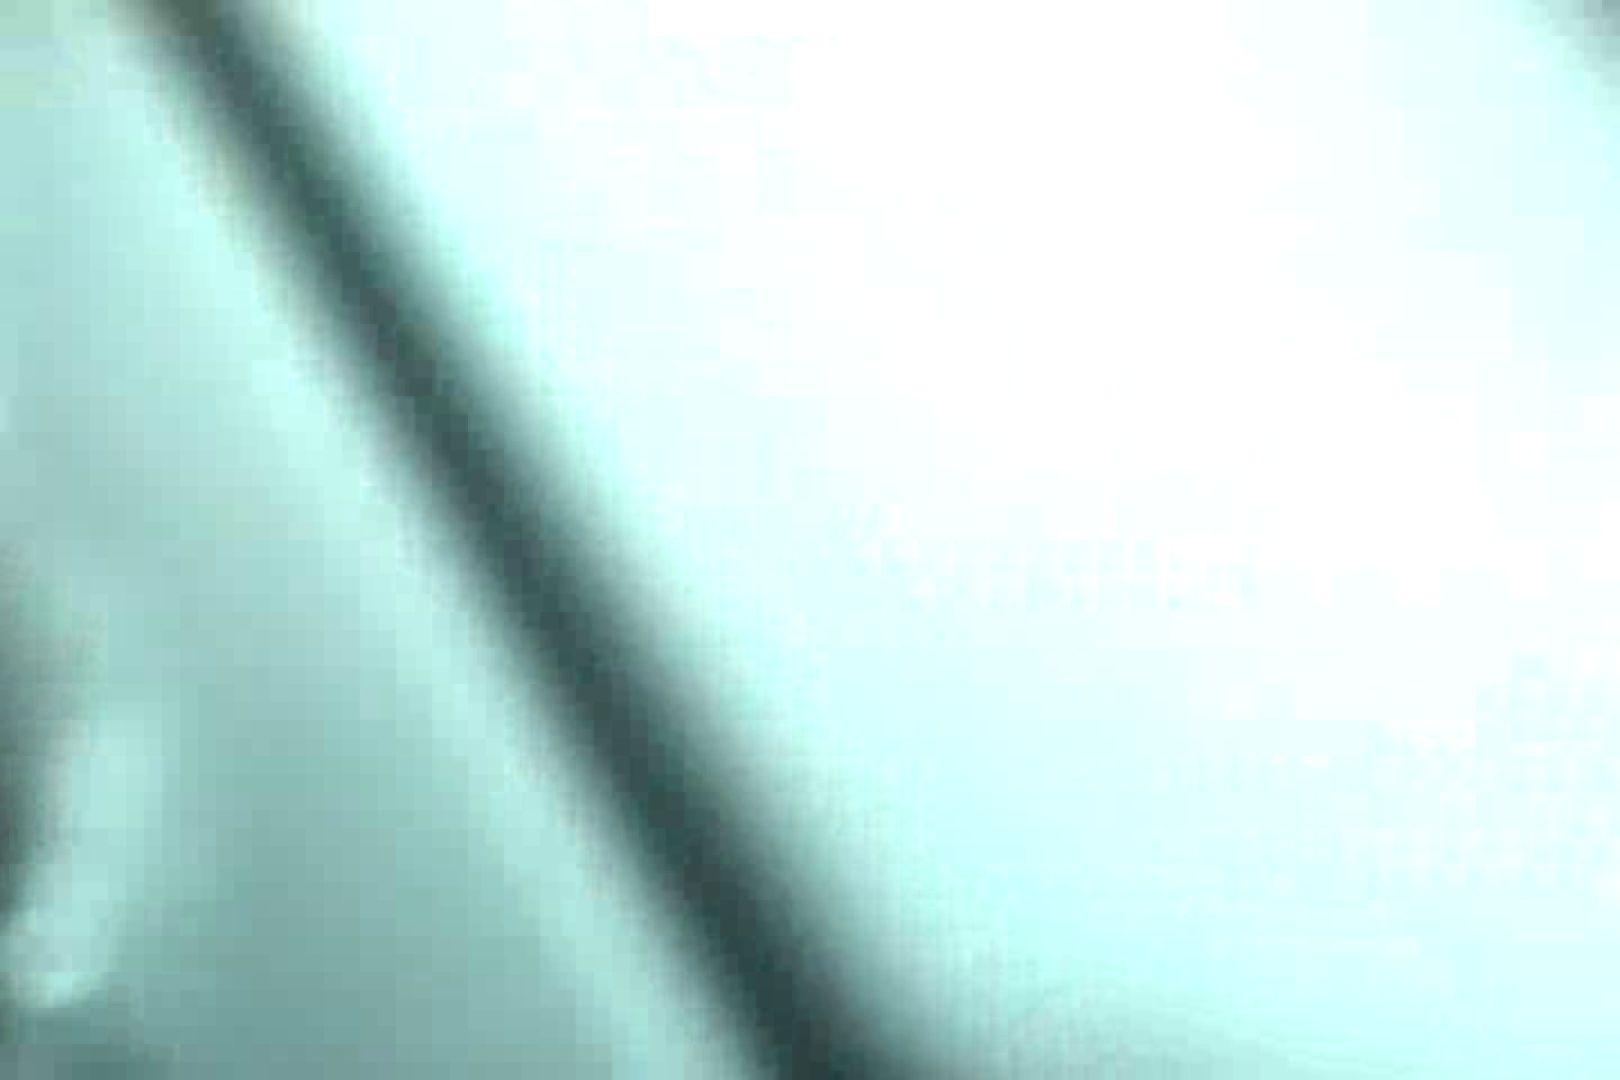 充血監督の深夜の運動会Vol.24 フェラ   美しいOLの裸体  84pic 73